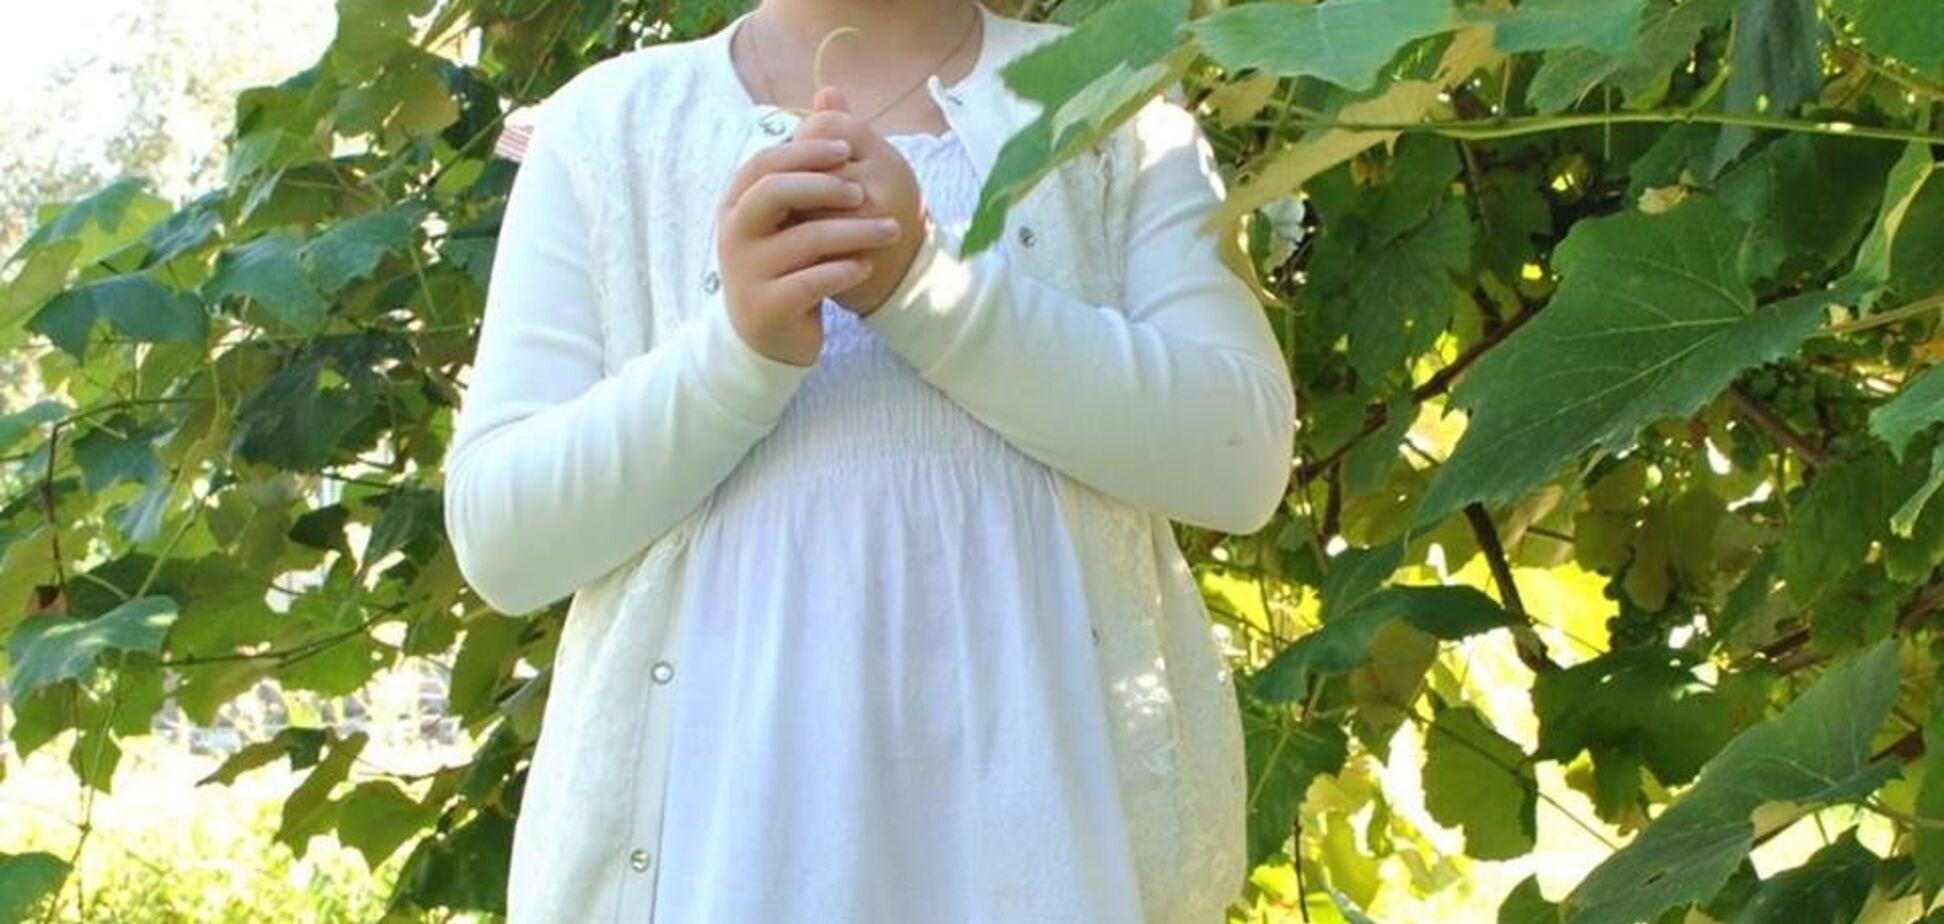 'Золота дівчинка так любила життя!' У страшній ДТП на Львівщині загинули мати і дитина